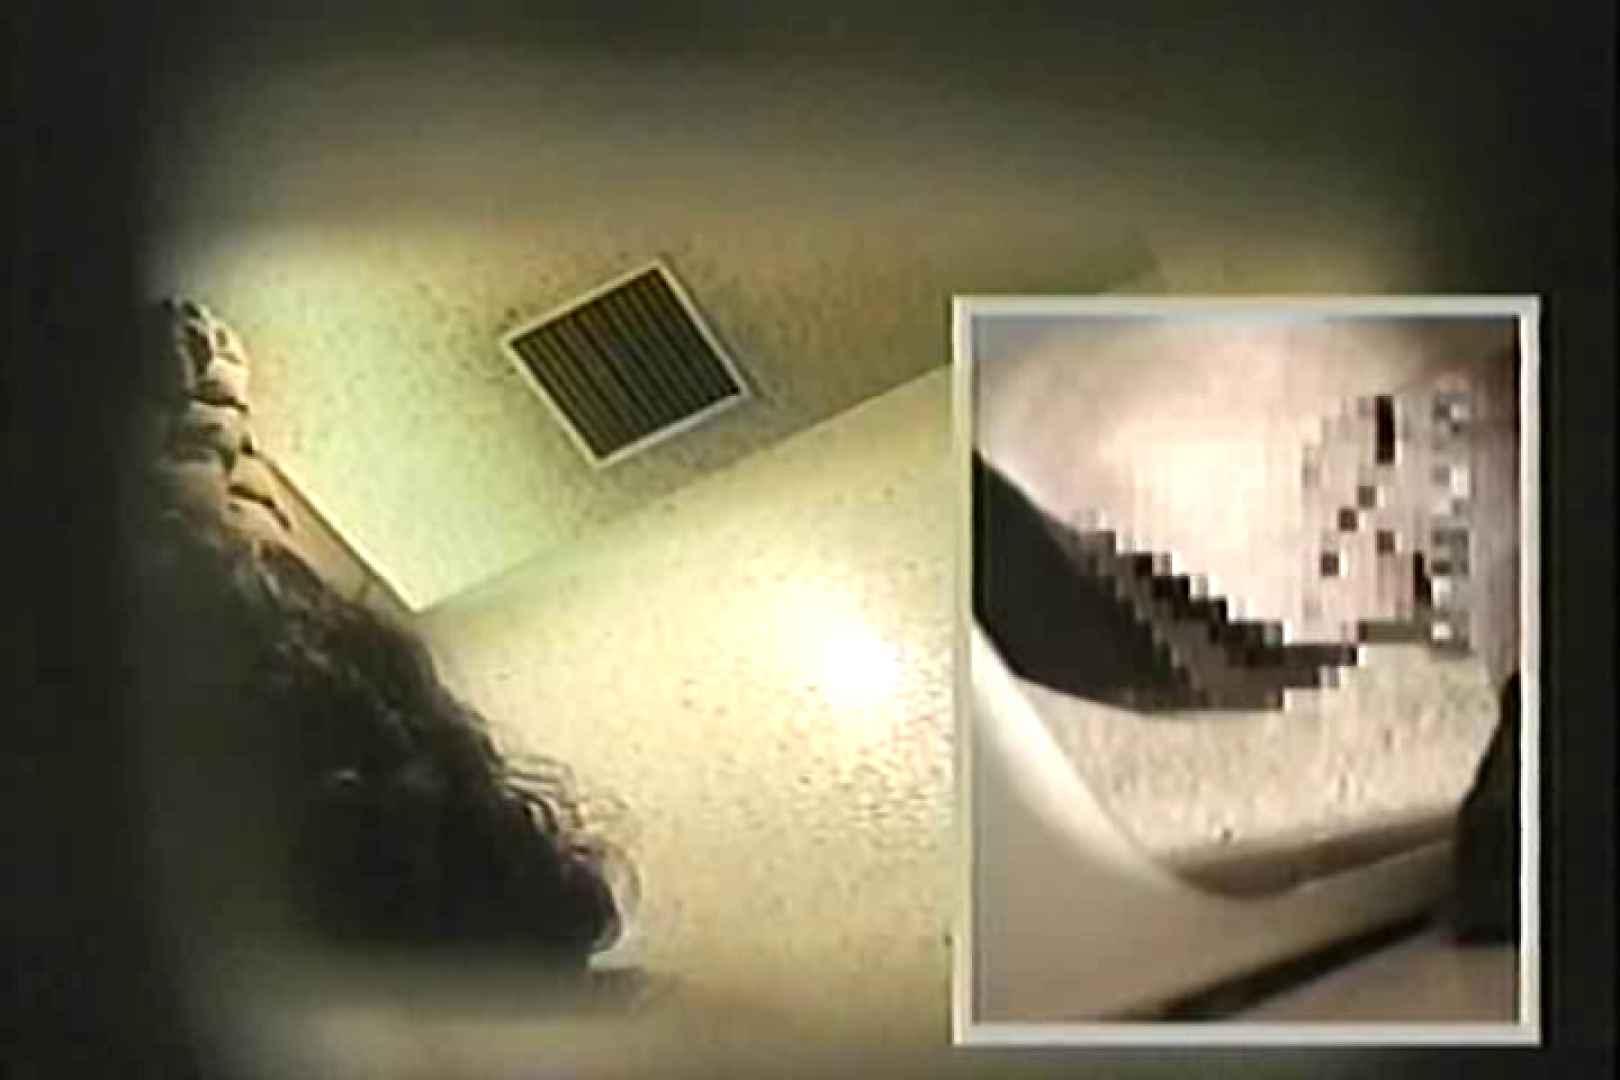 女子洗面所盗撮 今度の2カメは若い子だらけ  TK-127 おまんこ  76枚 30